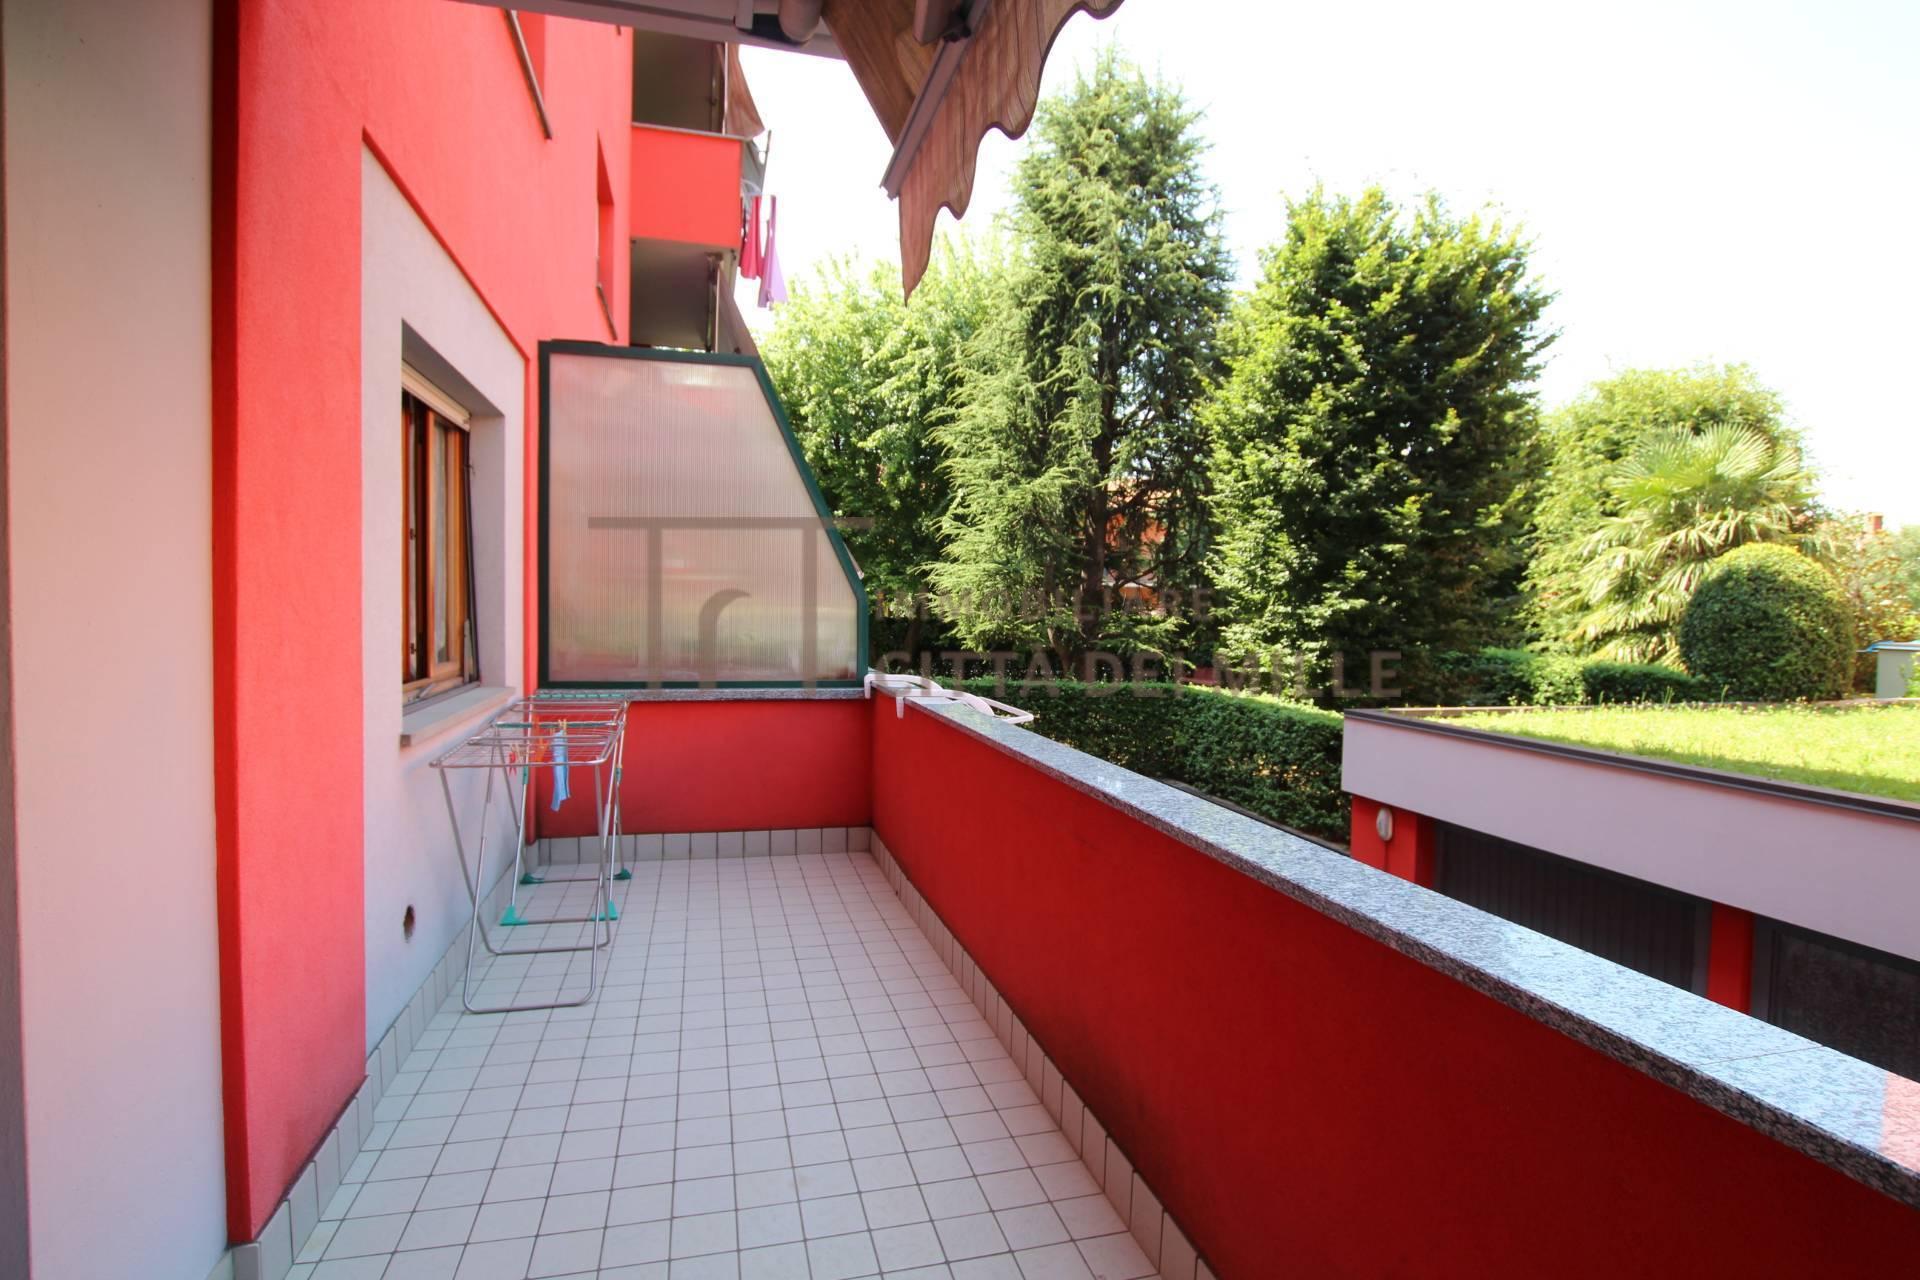 Appartamento in vendita a Villa di Serio, 3 locali, zona Località: ParcodelSerio, prezzo € 120.000 | PortaleAgenzieImmobiliari.it